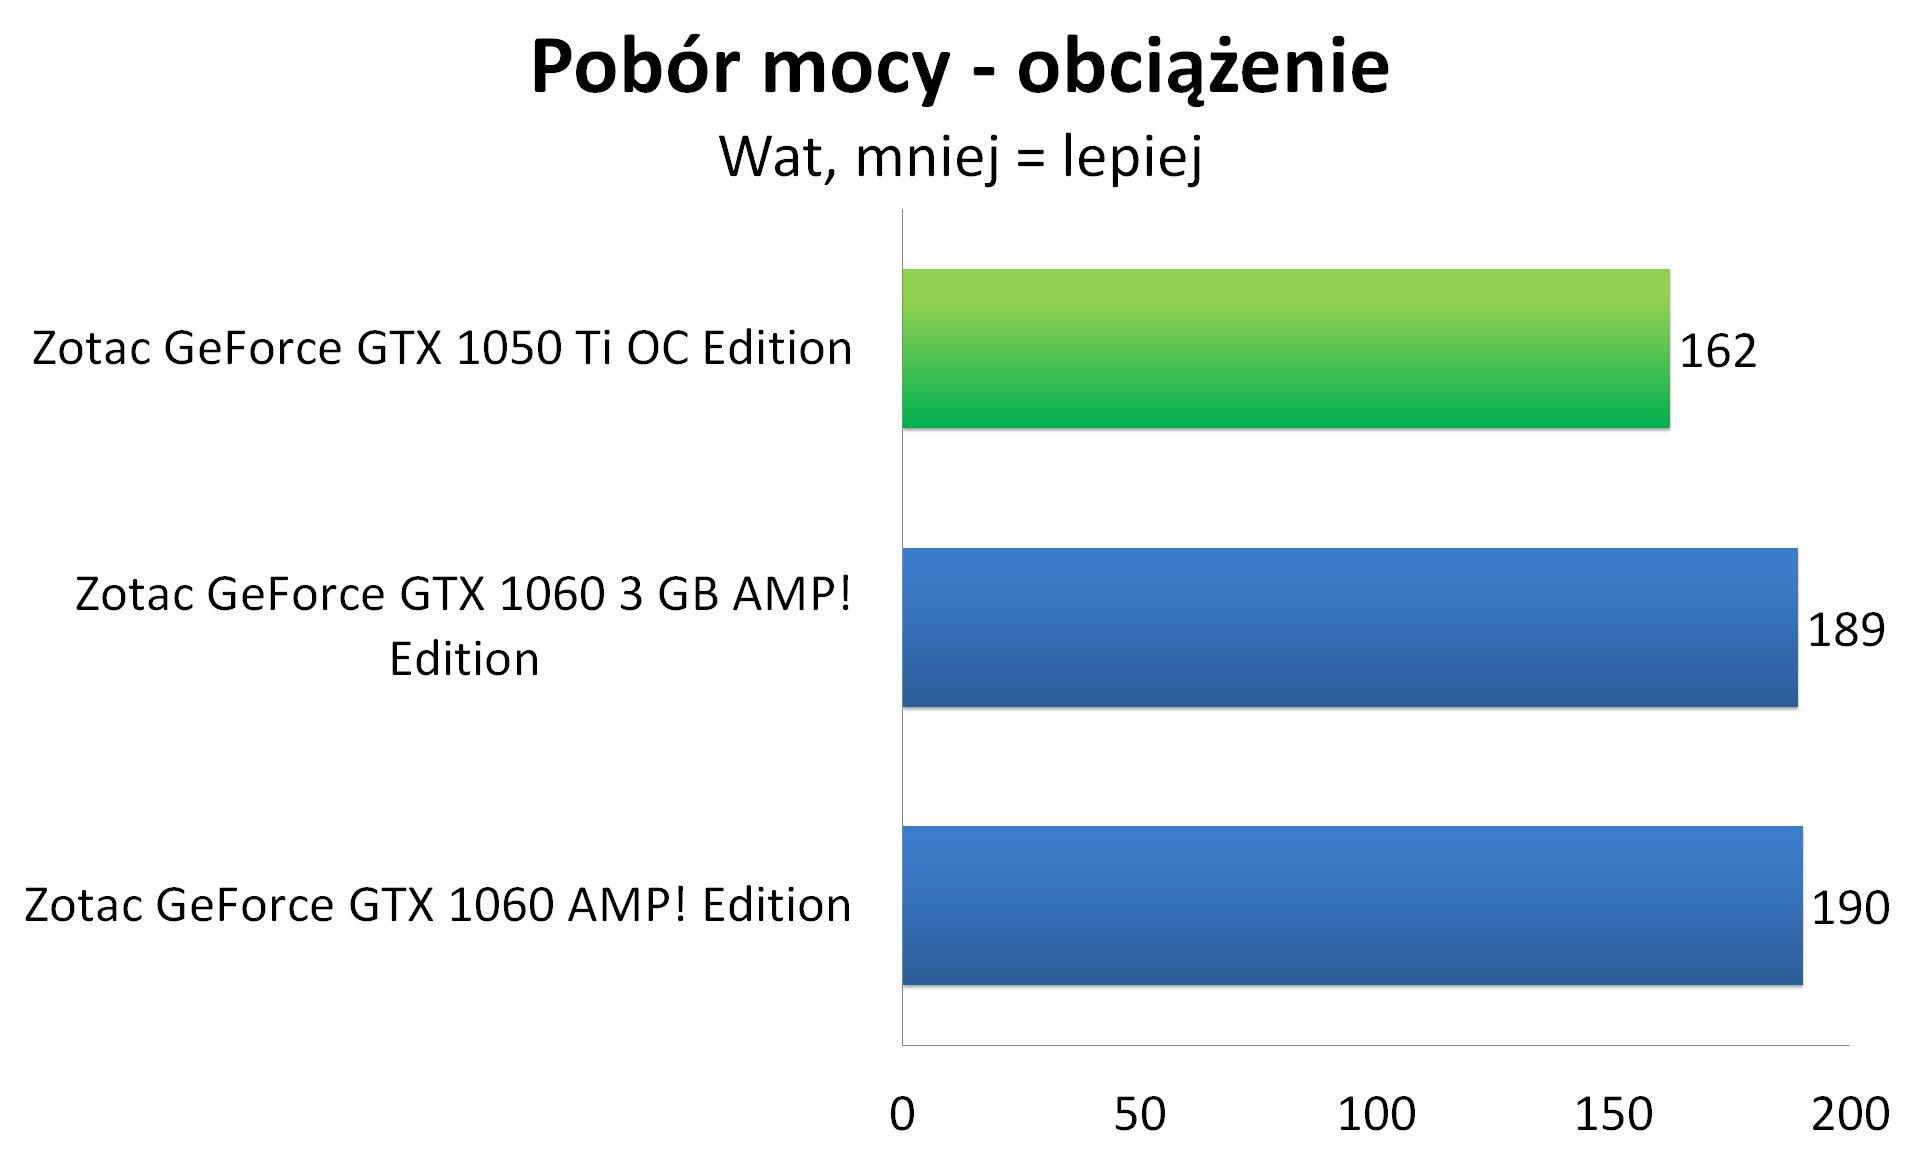 Zotac GeForce GTX 1050 Ti OC Edition - Pobór mocy - obciążenie